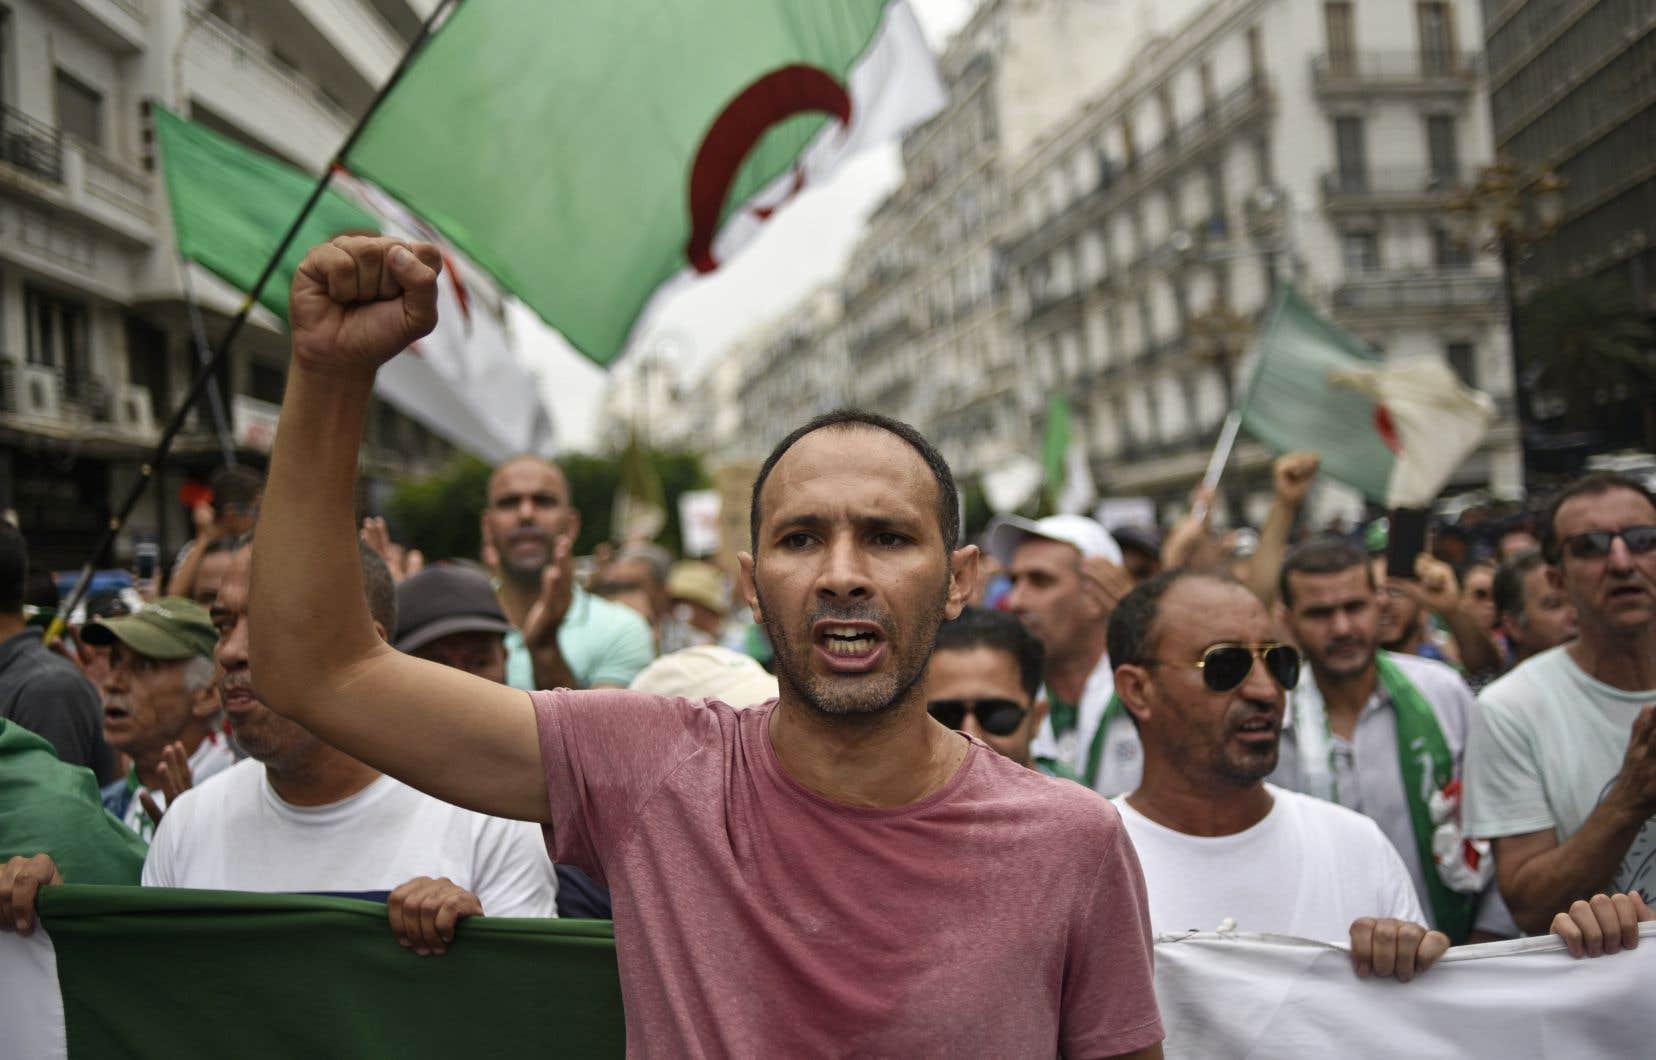 Vendredi, les Algériens se sont mobilisés pour la 30e semaine consécutive de manifestations pour s'opposer à la tenue rapide d'une présidentielle.